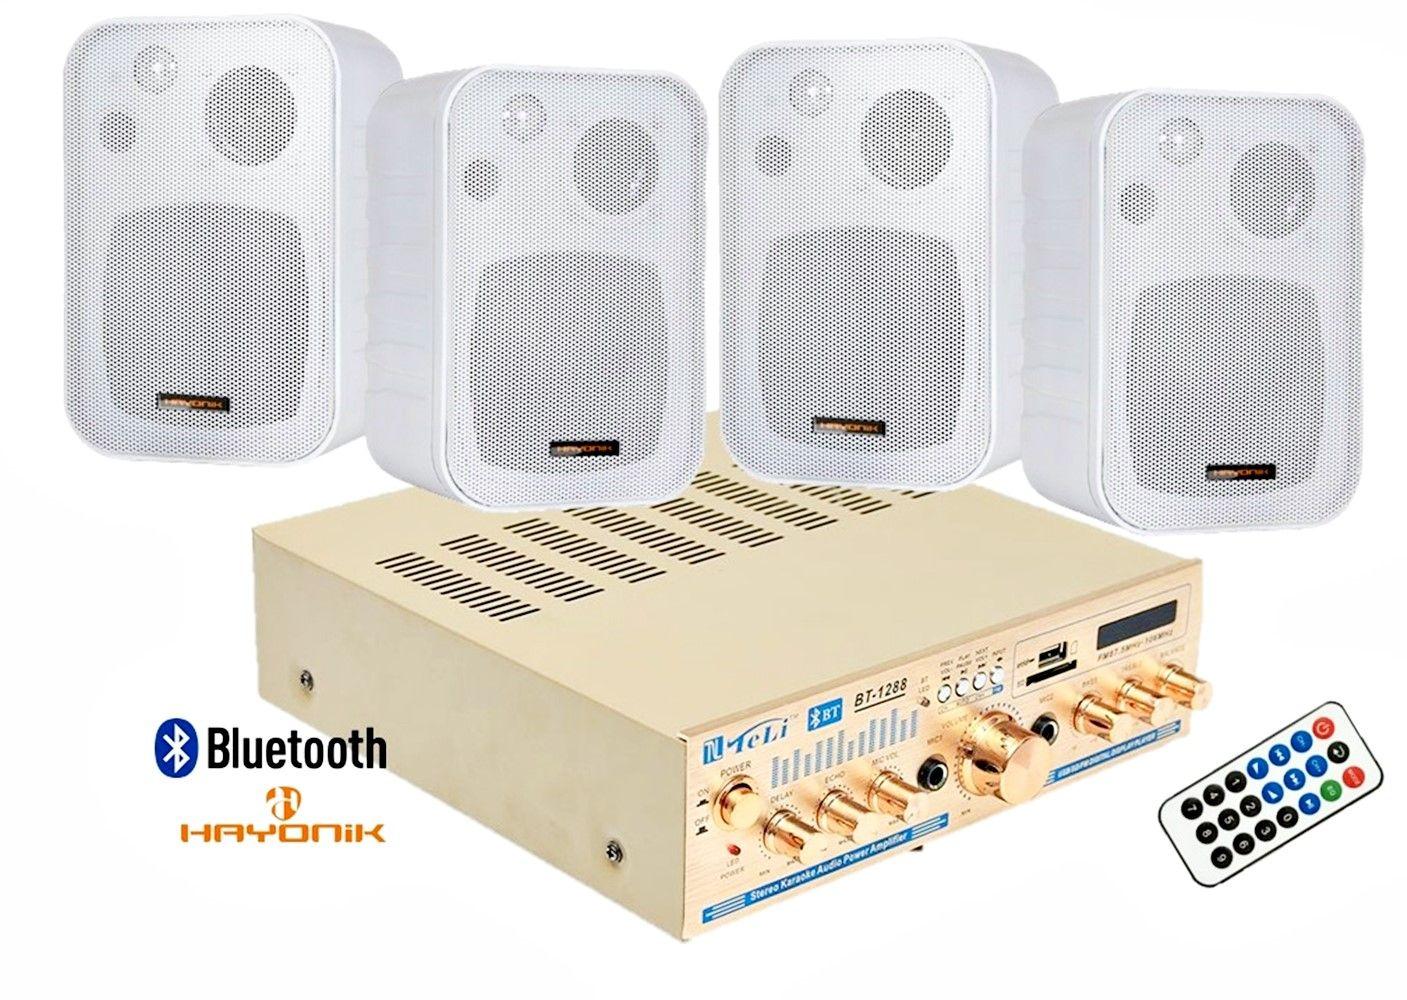 Kit de som ambiente 4 caixas Hayonik branca 3 vias amplificador com Bluetooth kit-D6